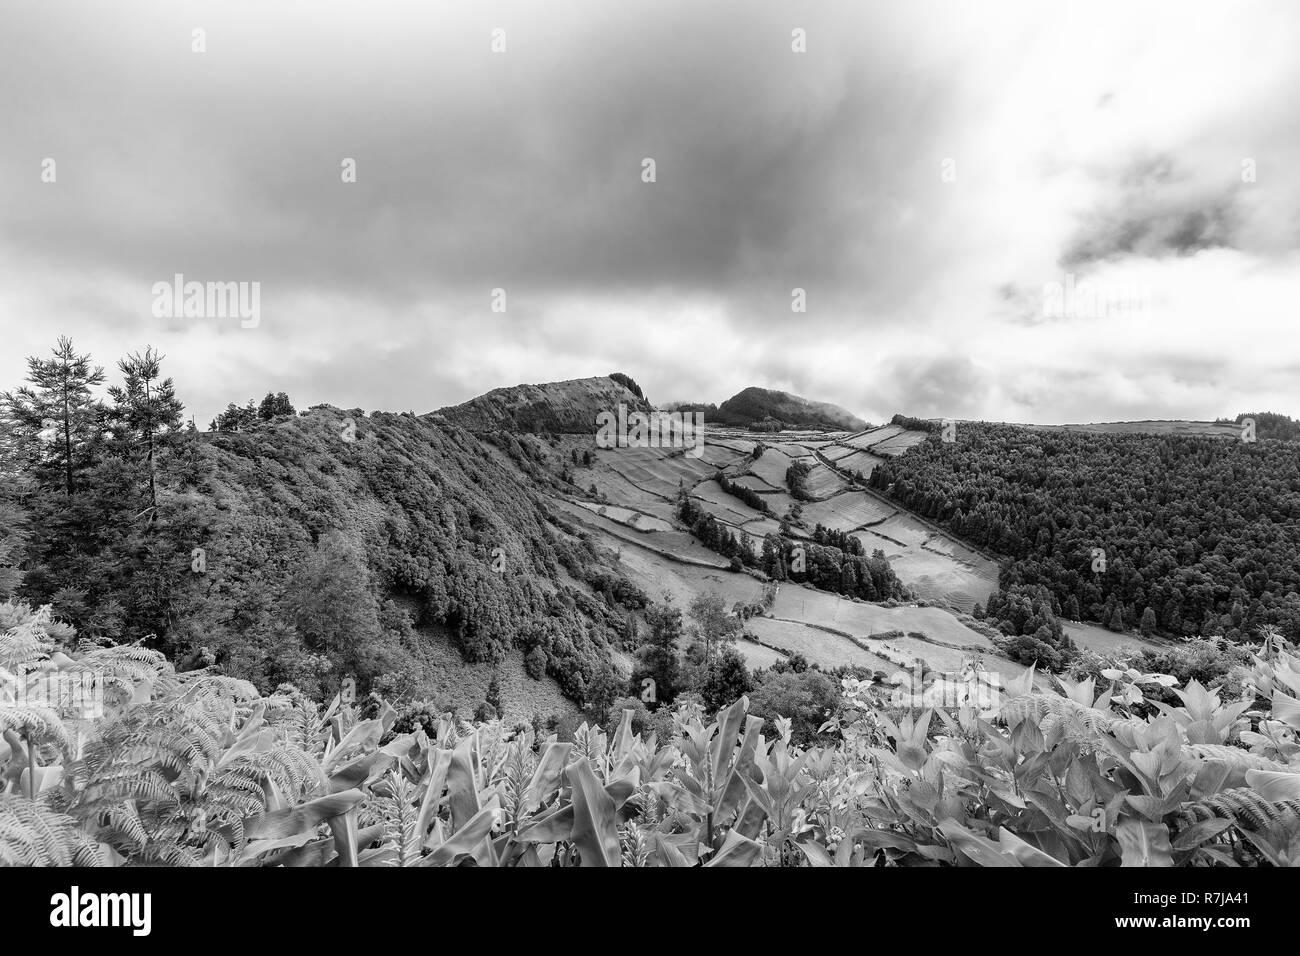 Schöne schwarze und weiße Blick auf die Kante des Sete Cidades Caldera auf Sao Miguel auf den Azoren. Stockfoto